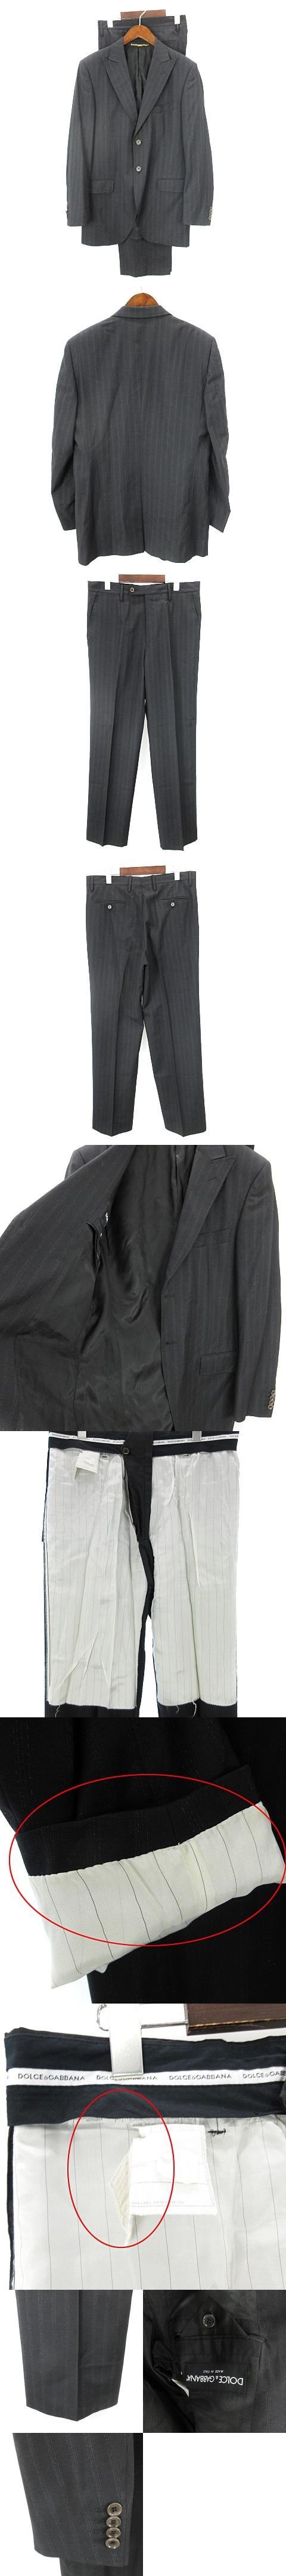 スーツ セットアップ シングル 2B ストライプ 黒系 ブラック 50 ☆AA★